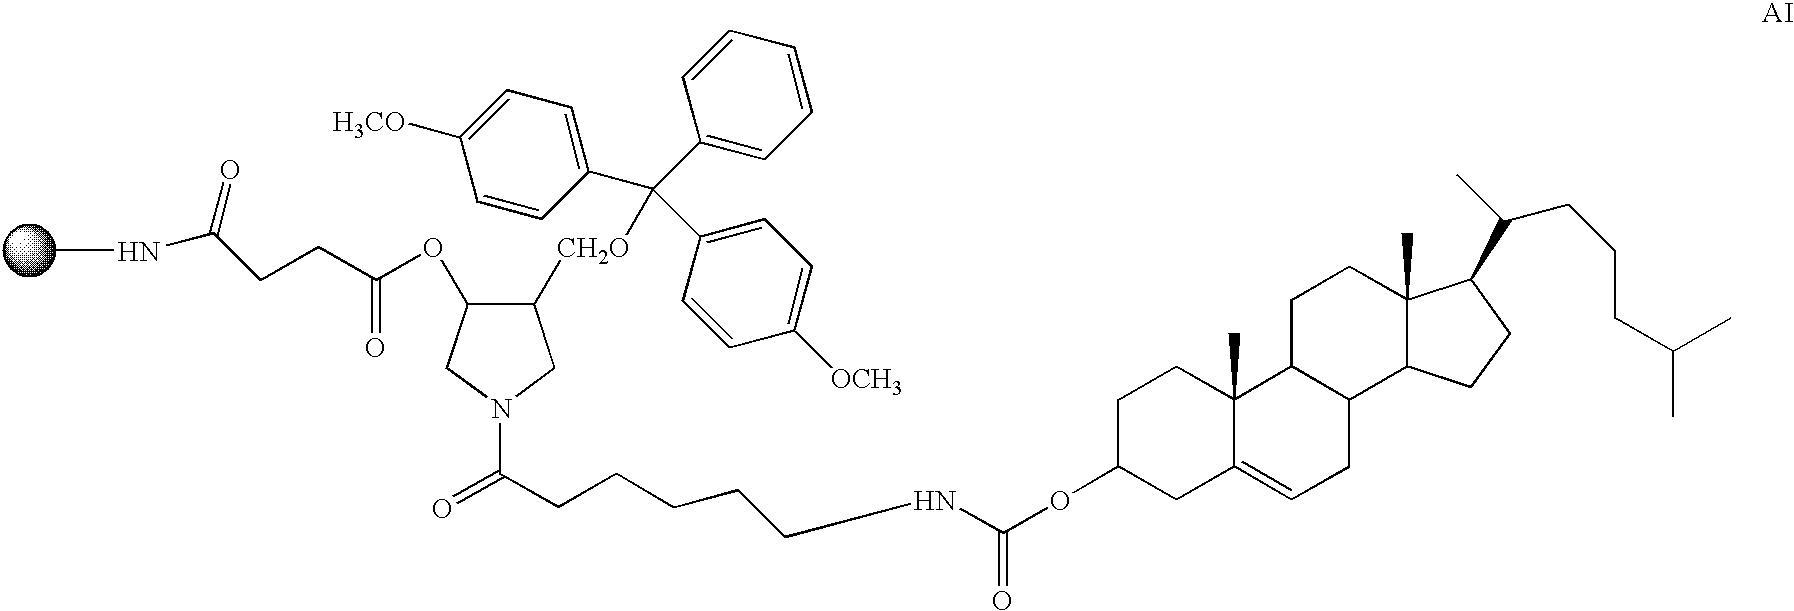 Figure US07582745-20090901-C00010